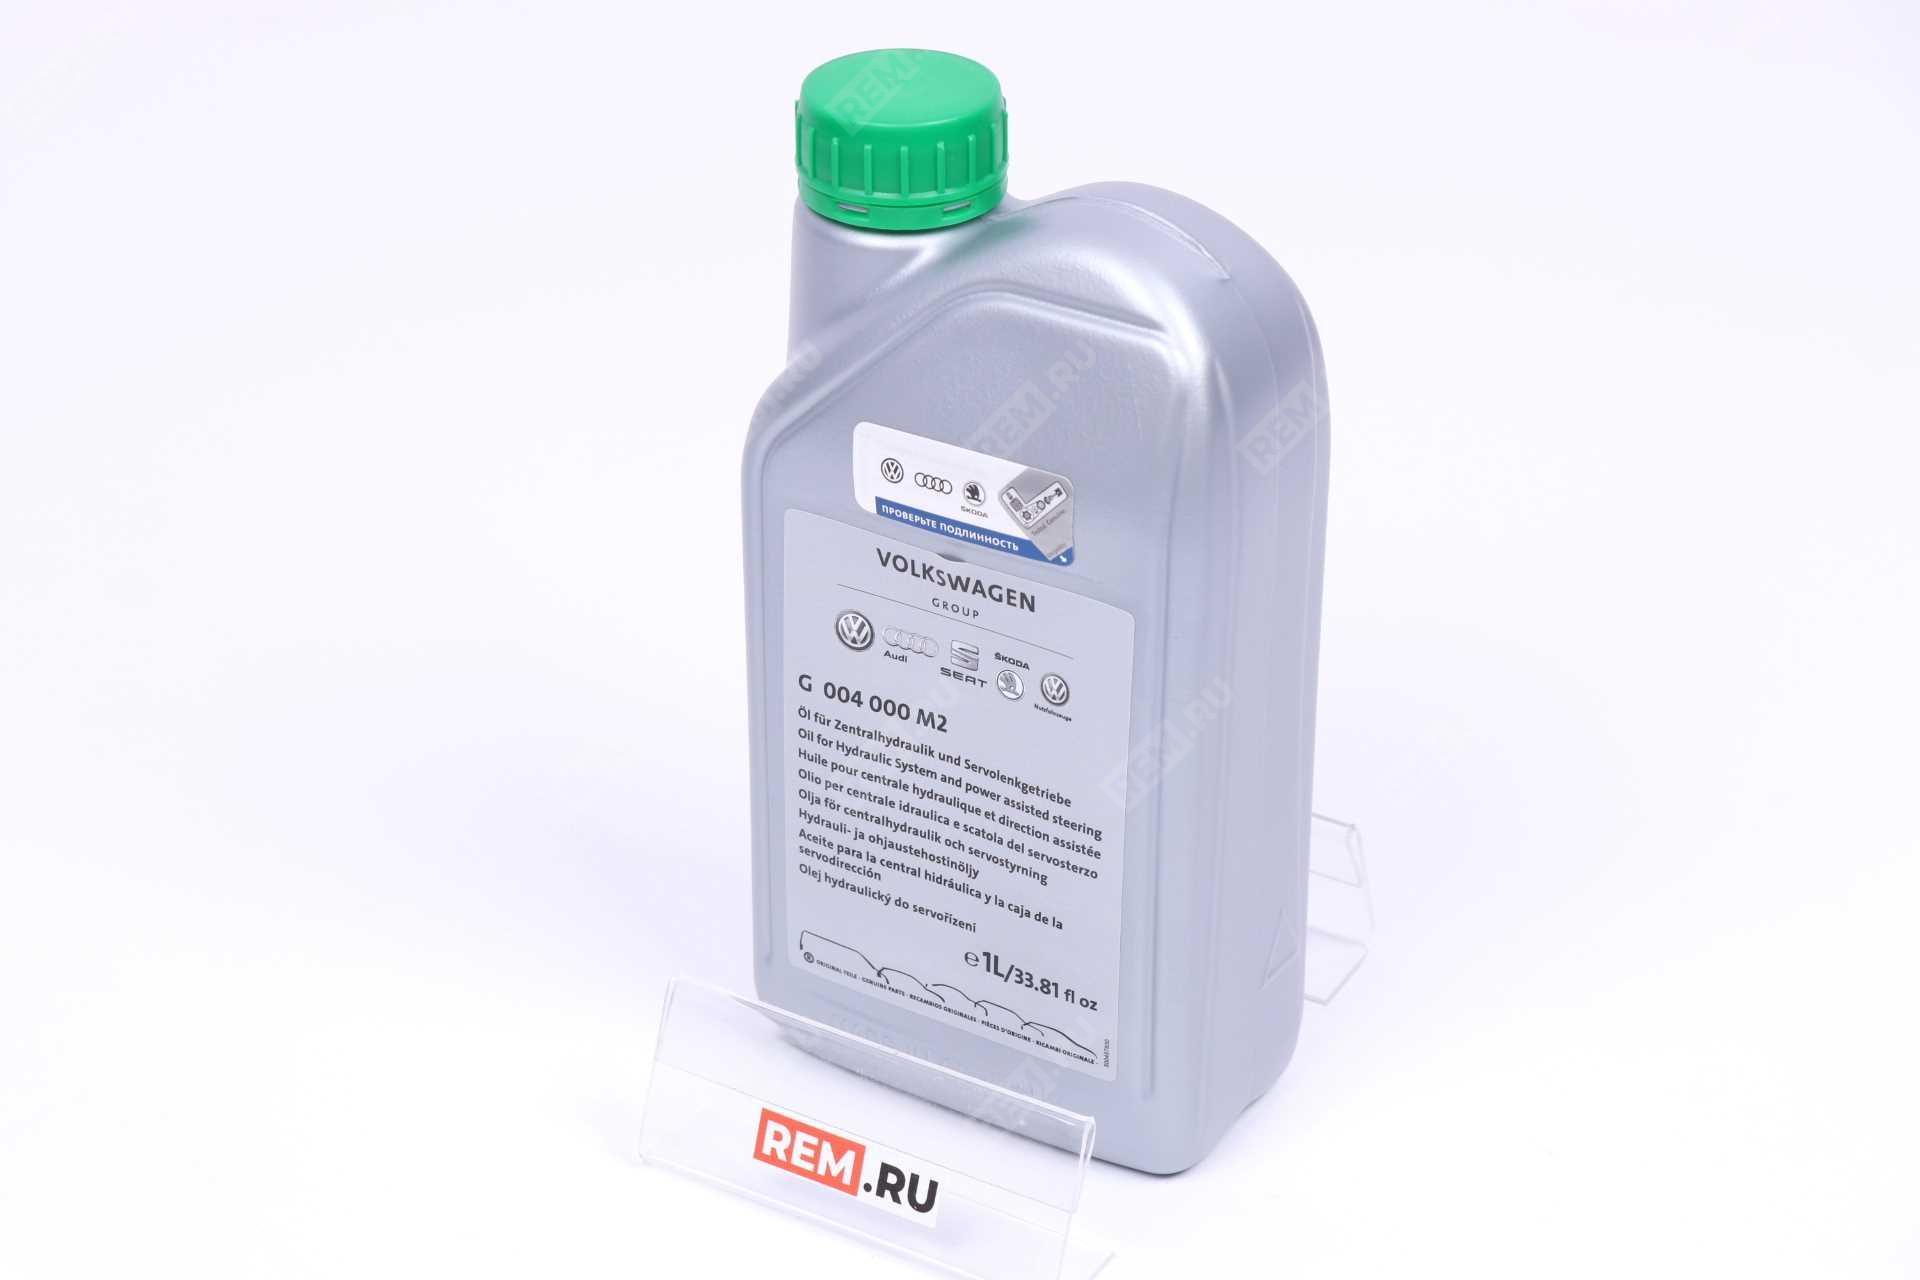 Жидкость гидравлическая VAG, 1л G004000M2